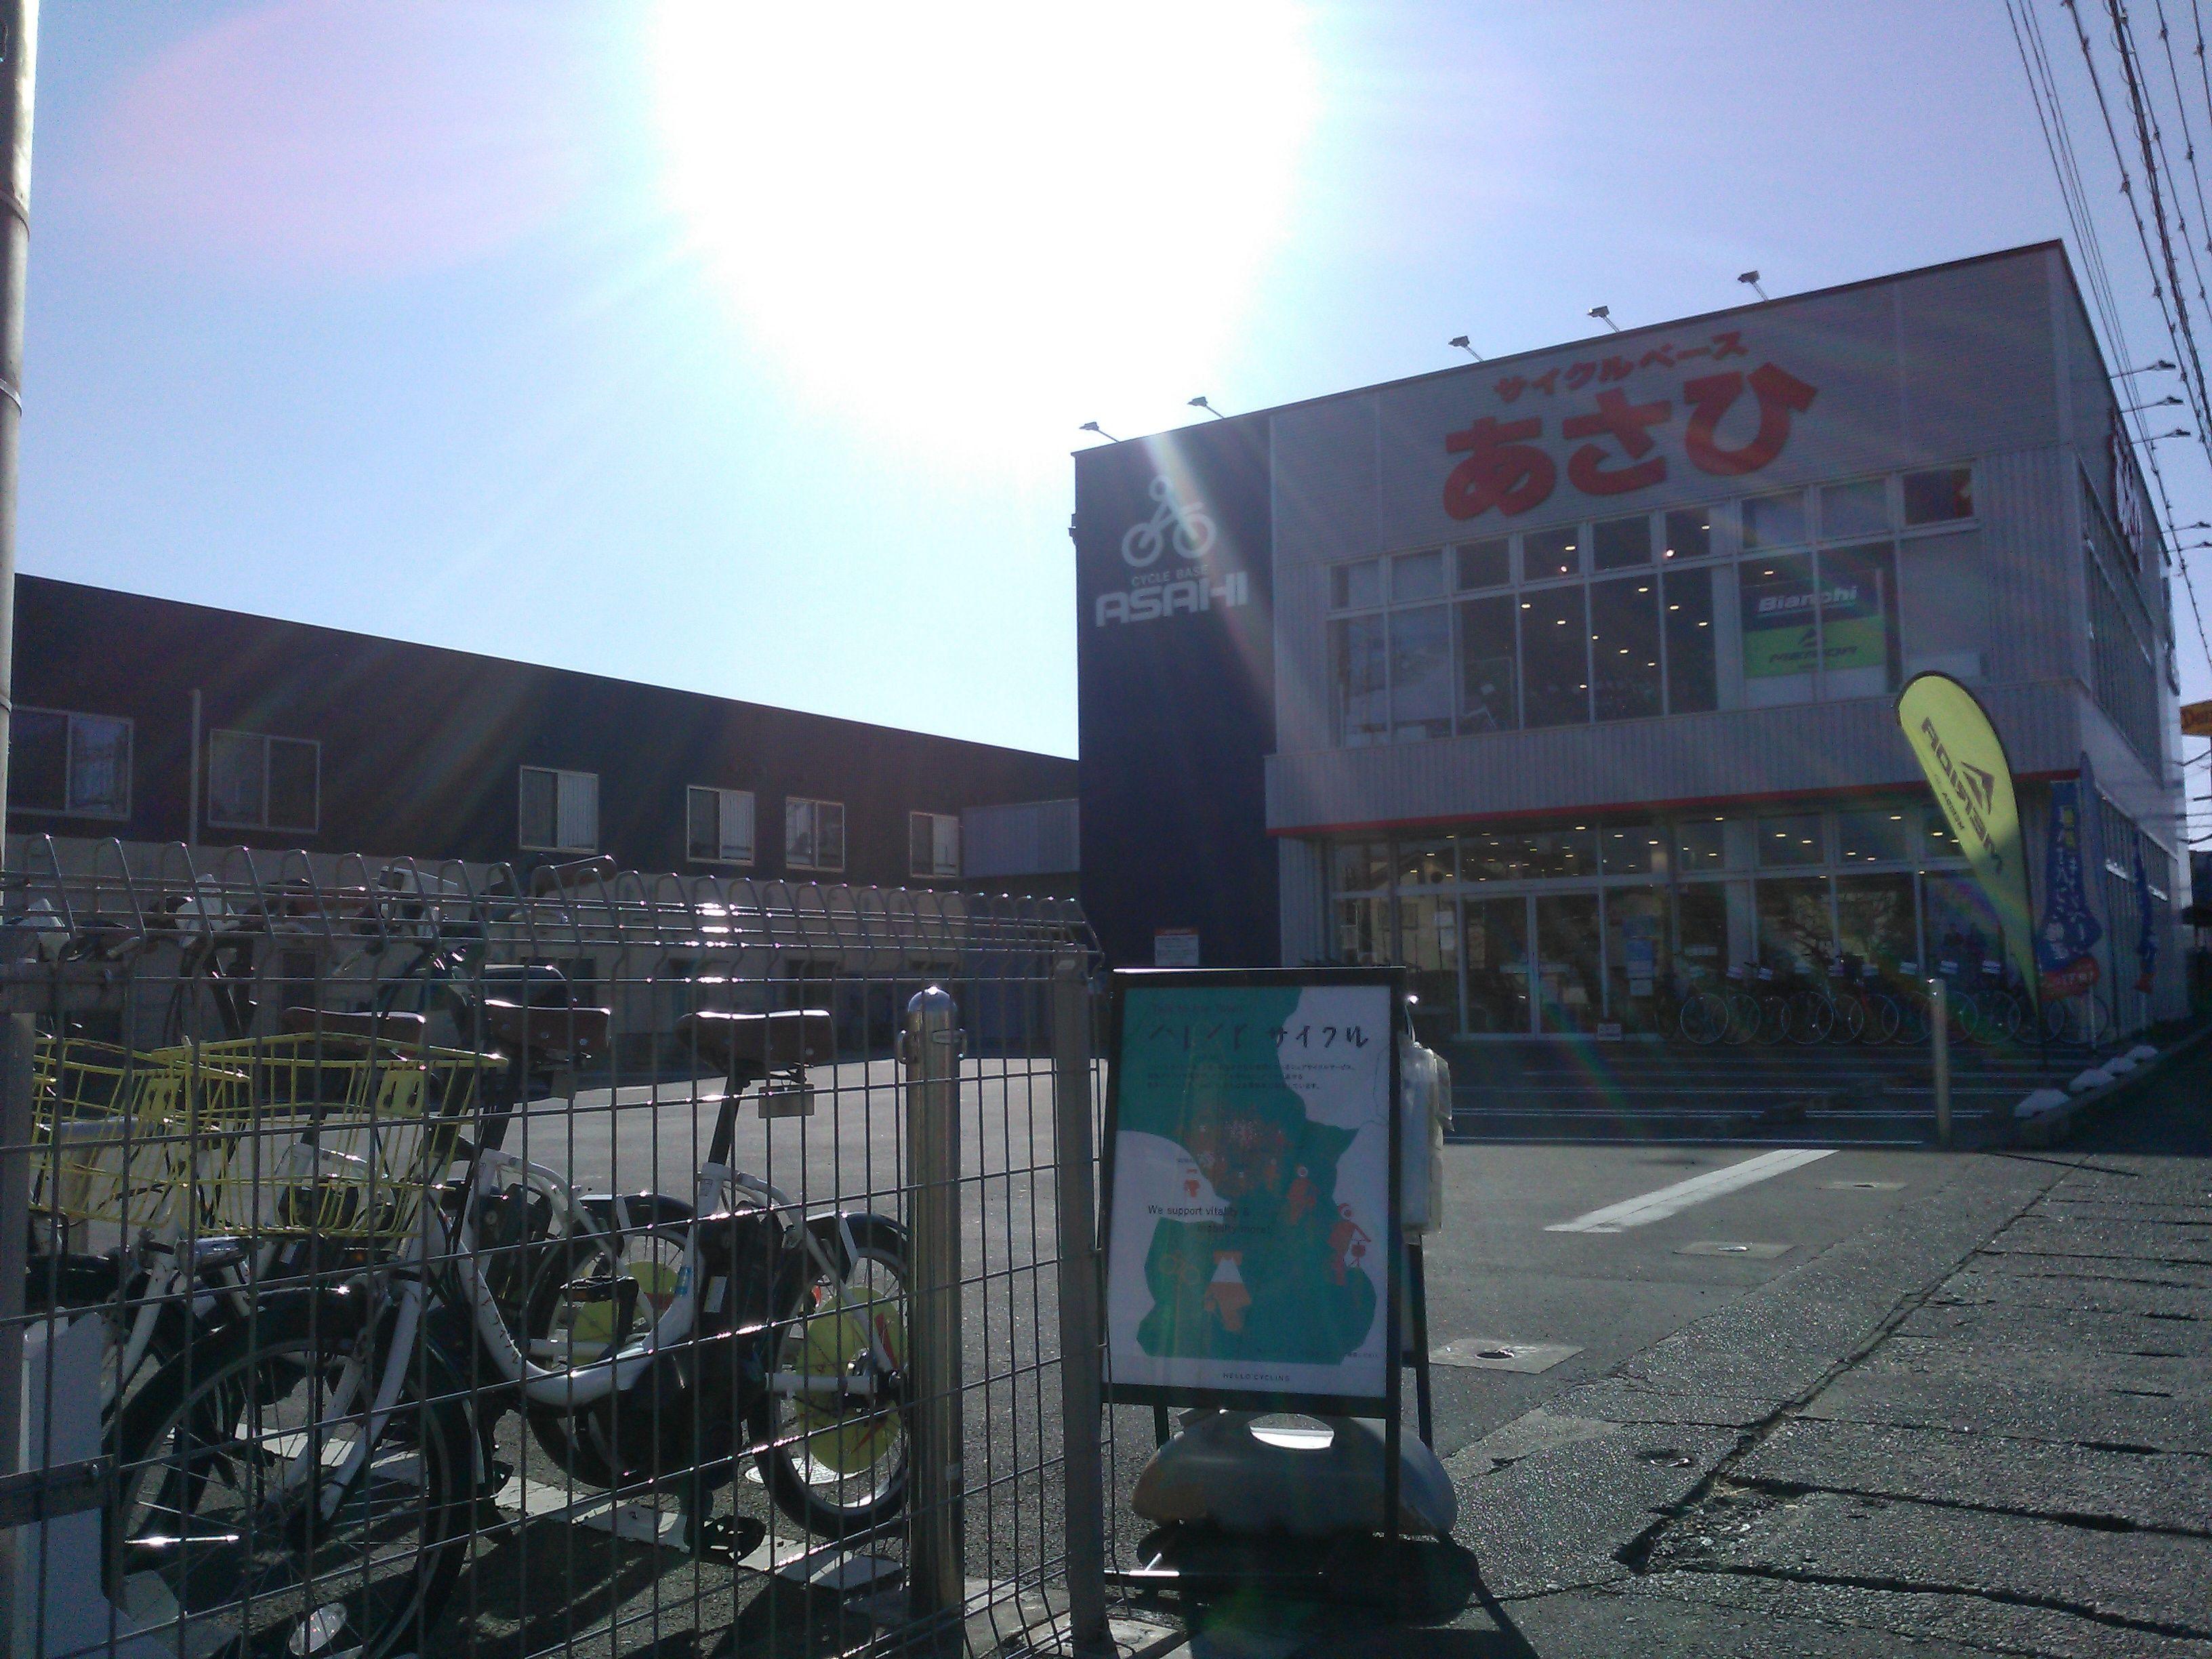 サイクルベースあさひ三島店 (HELLO CYCLING ポート) image